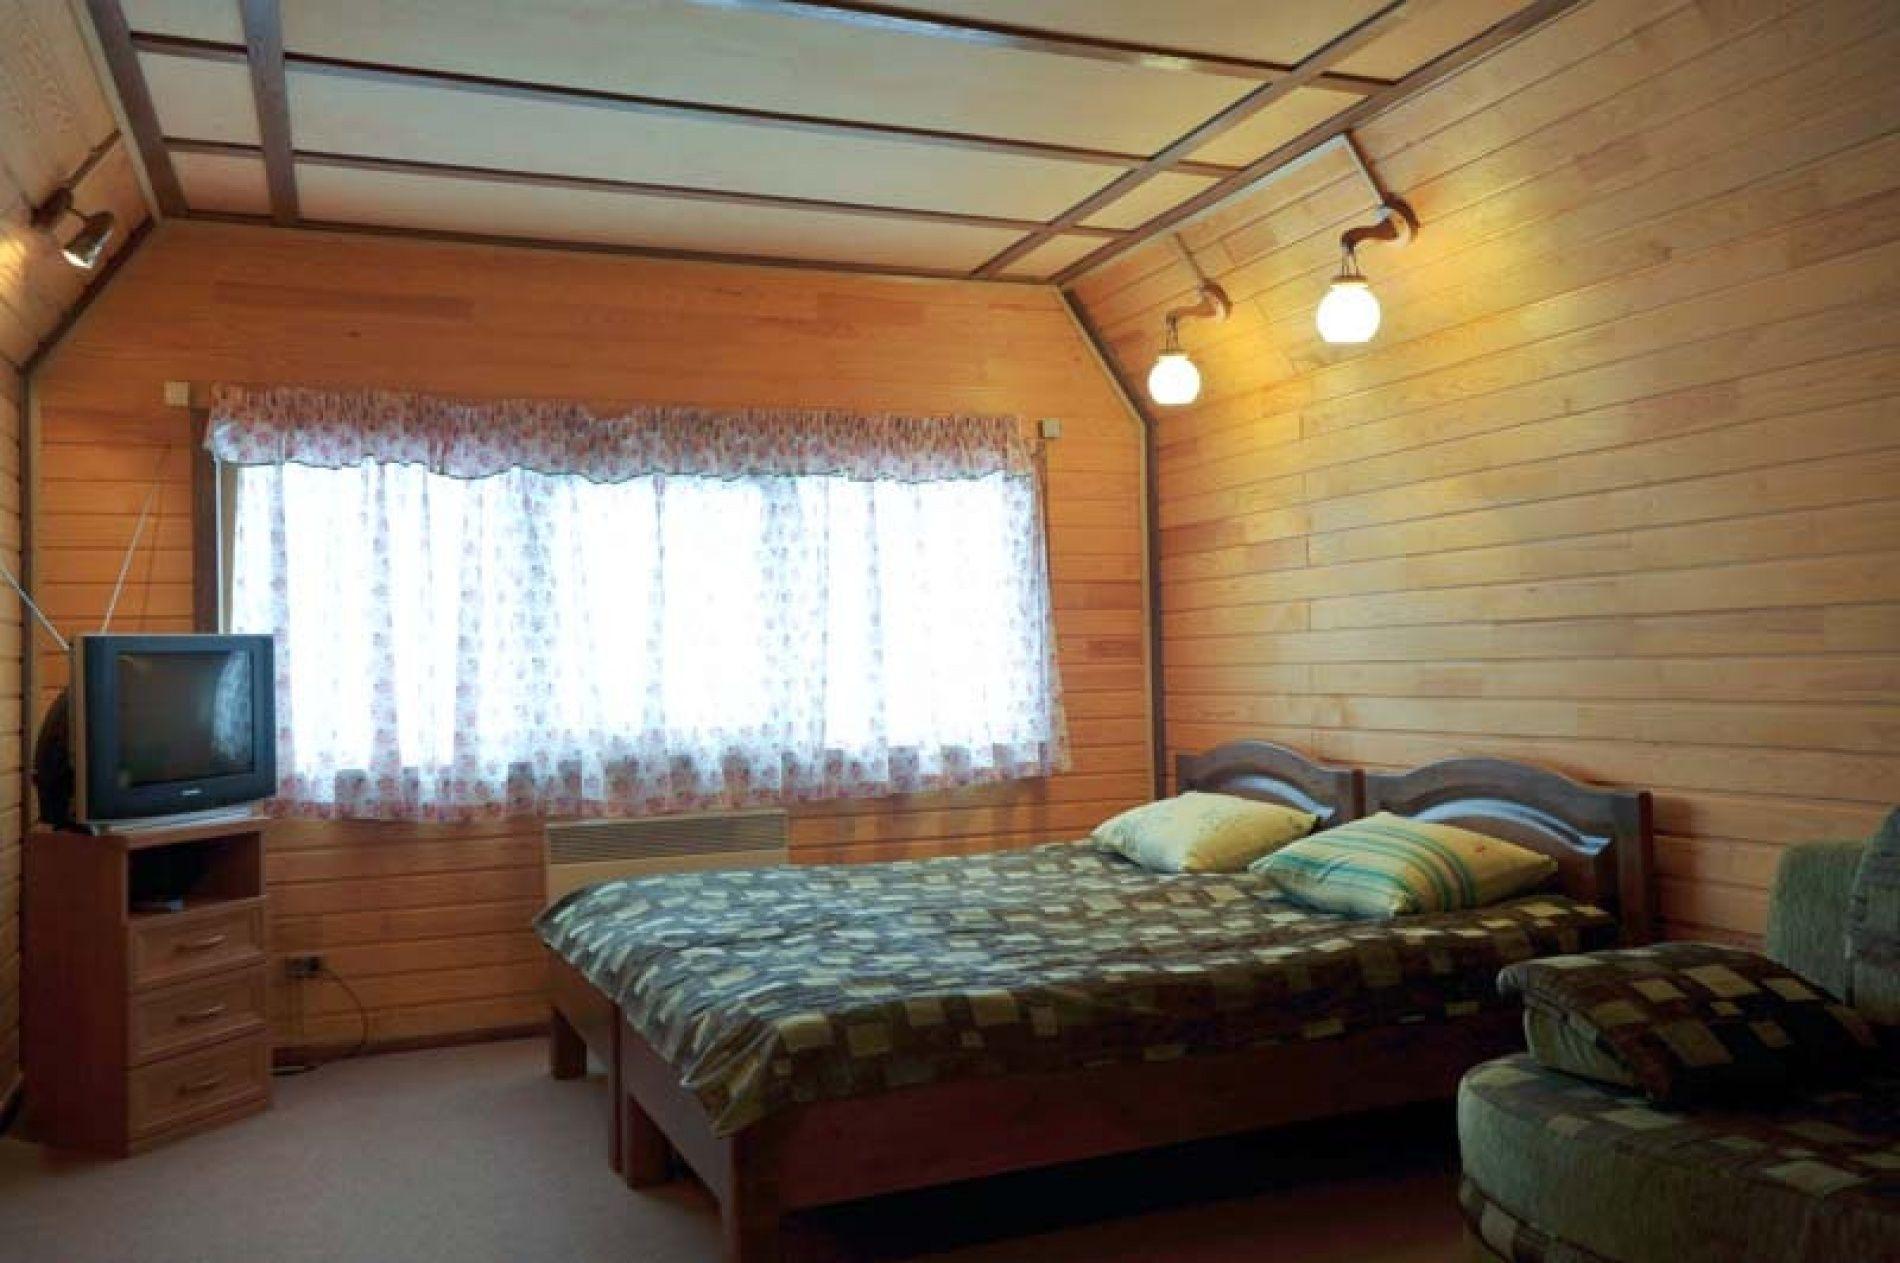 Гостиница «Мельница» Иркутская область Апартаменты 2-комнатные, фото 1